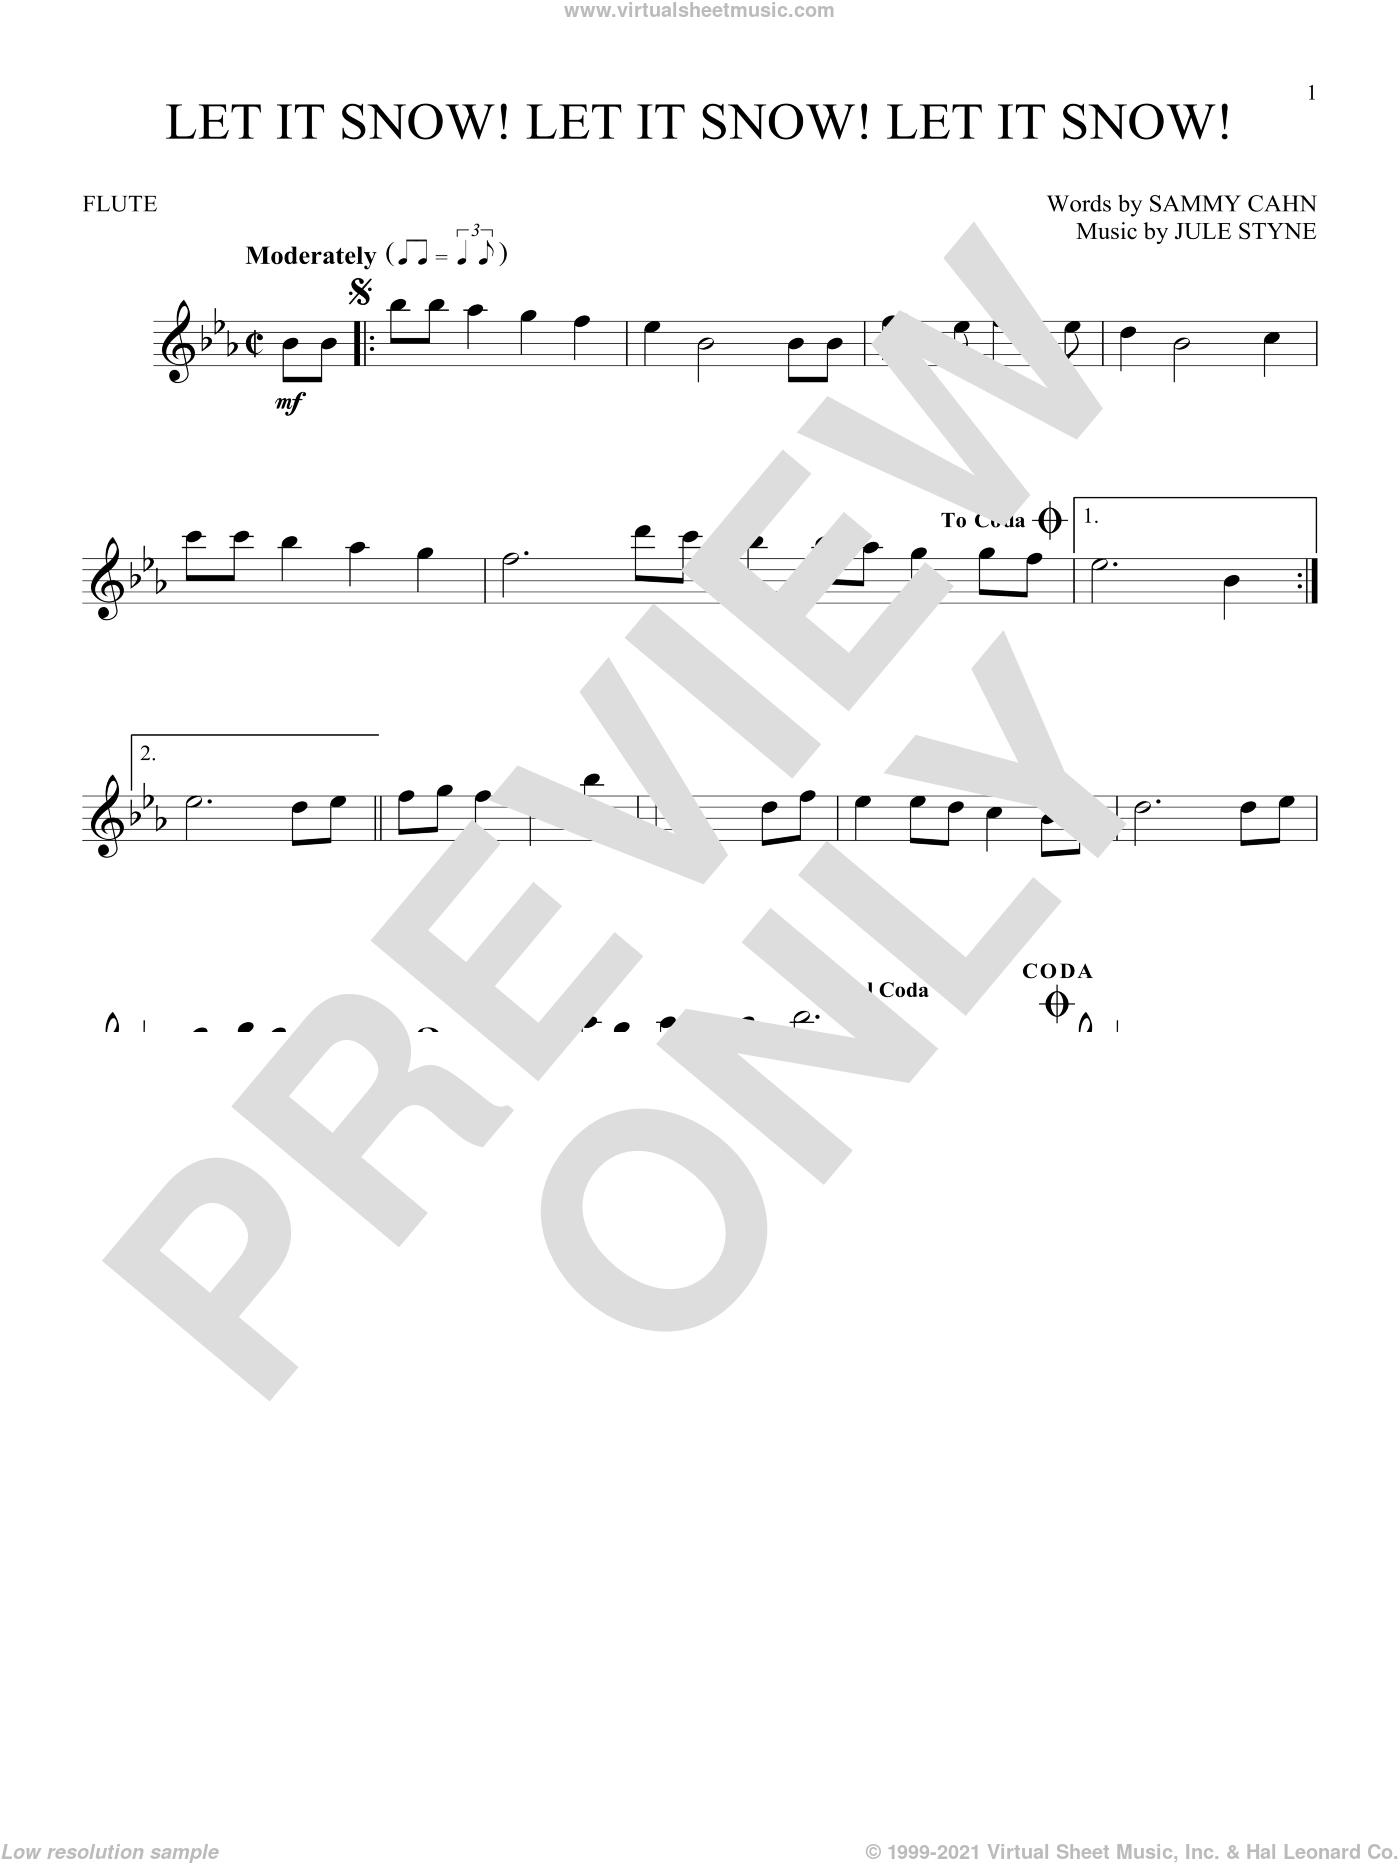 Let It Snow! Let It Snow! Let It Snow! sheet music for flute solo by Sammy Cahn, Jule Styne and Sammy Cahn & Julie Styne, intermediate skill level